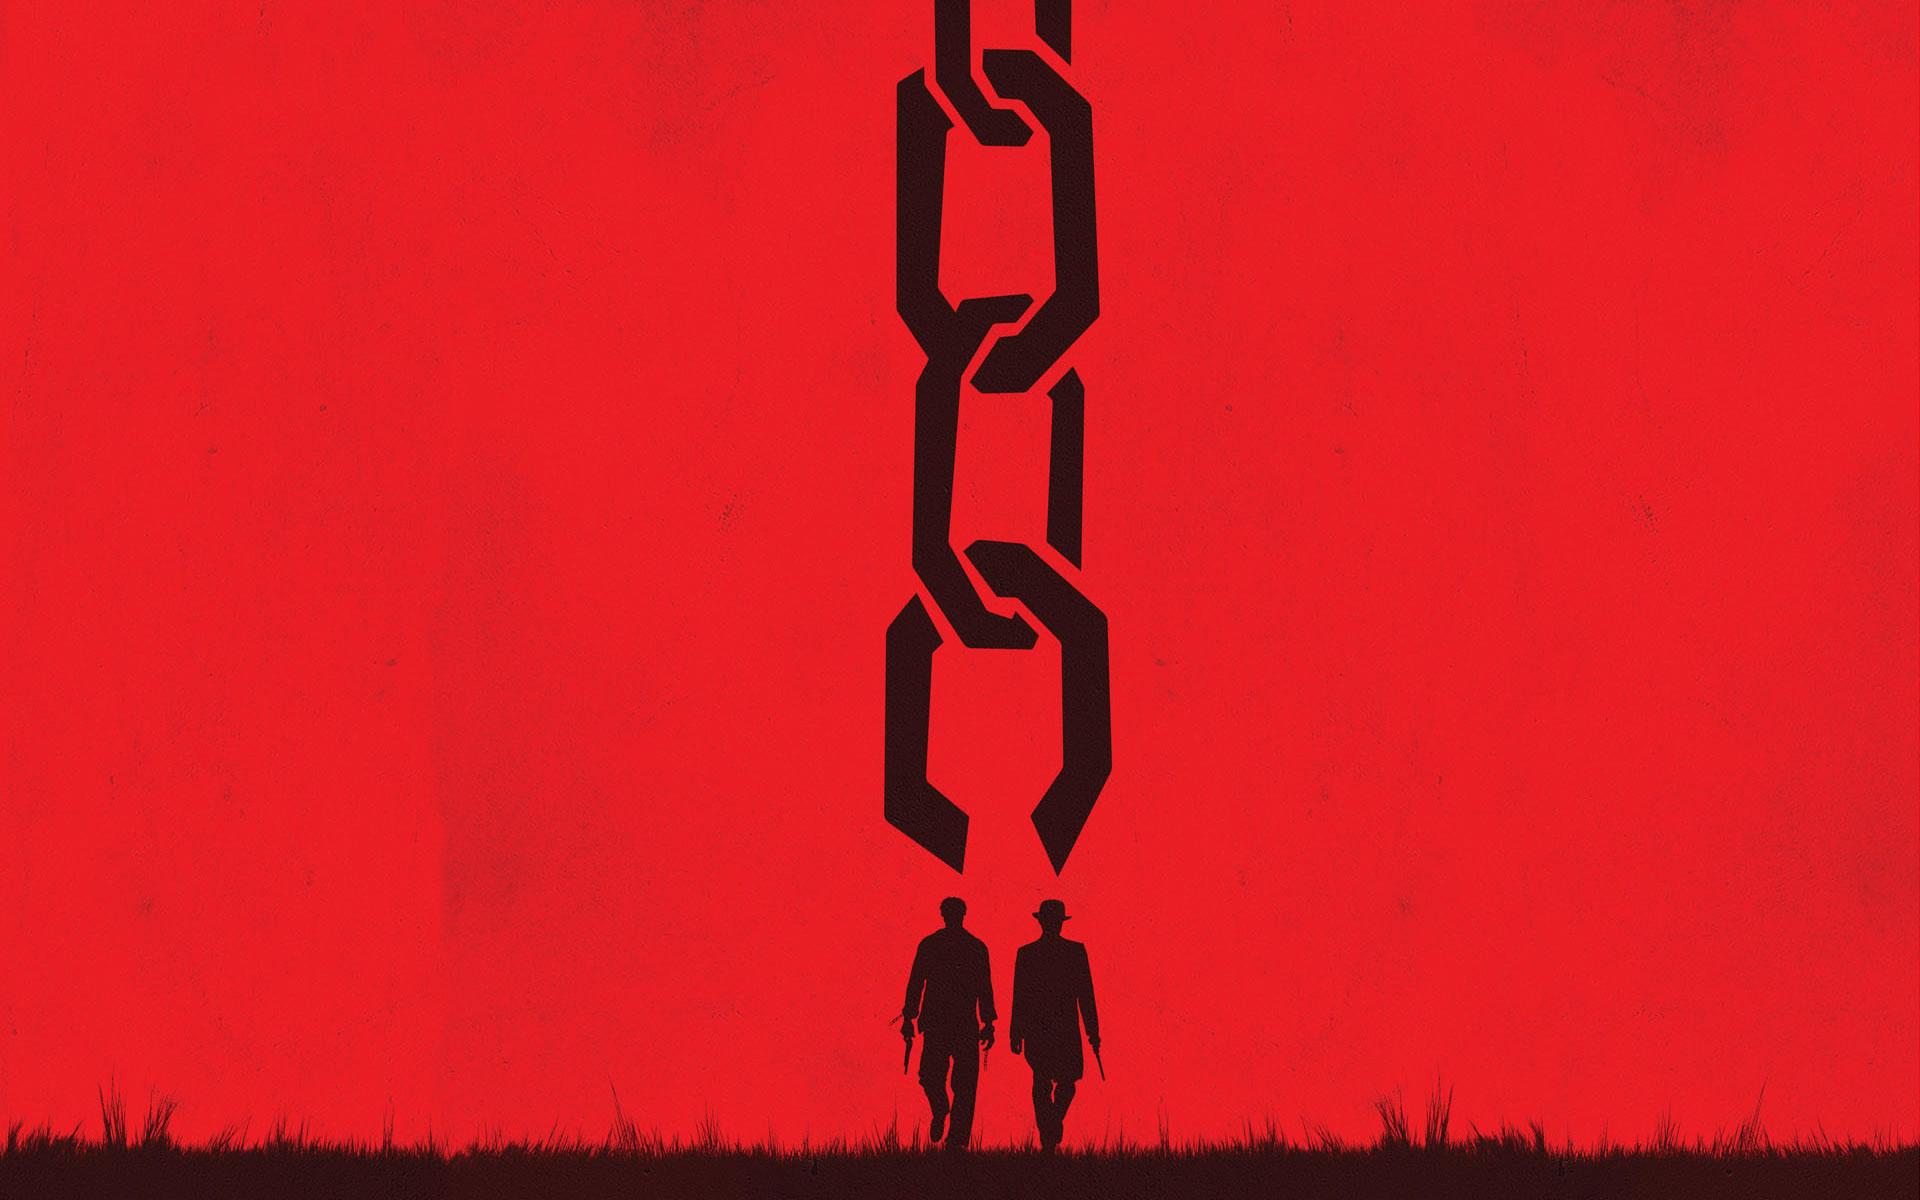 Wallpapers de Cine. Django, Encadenados